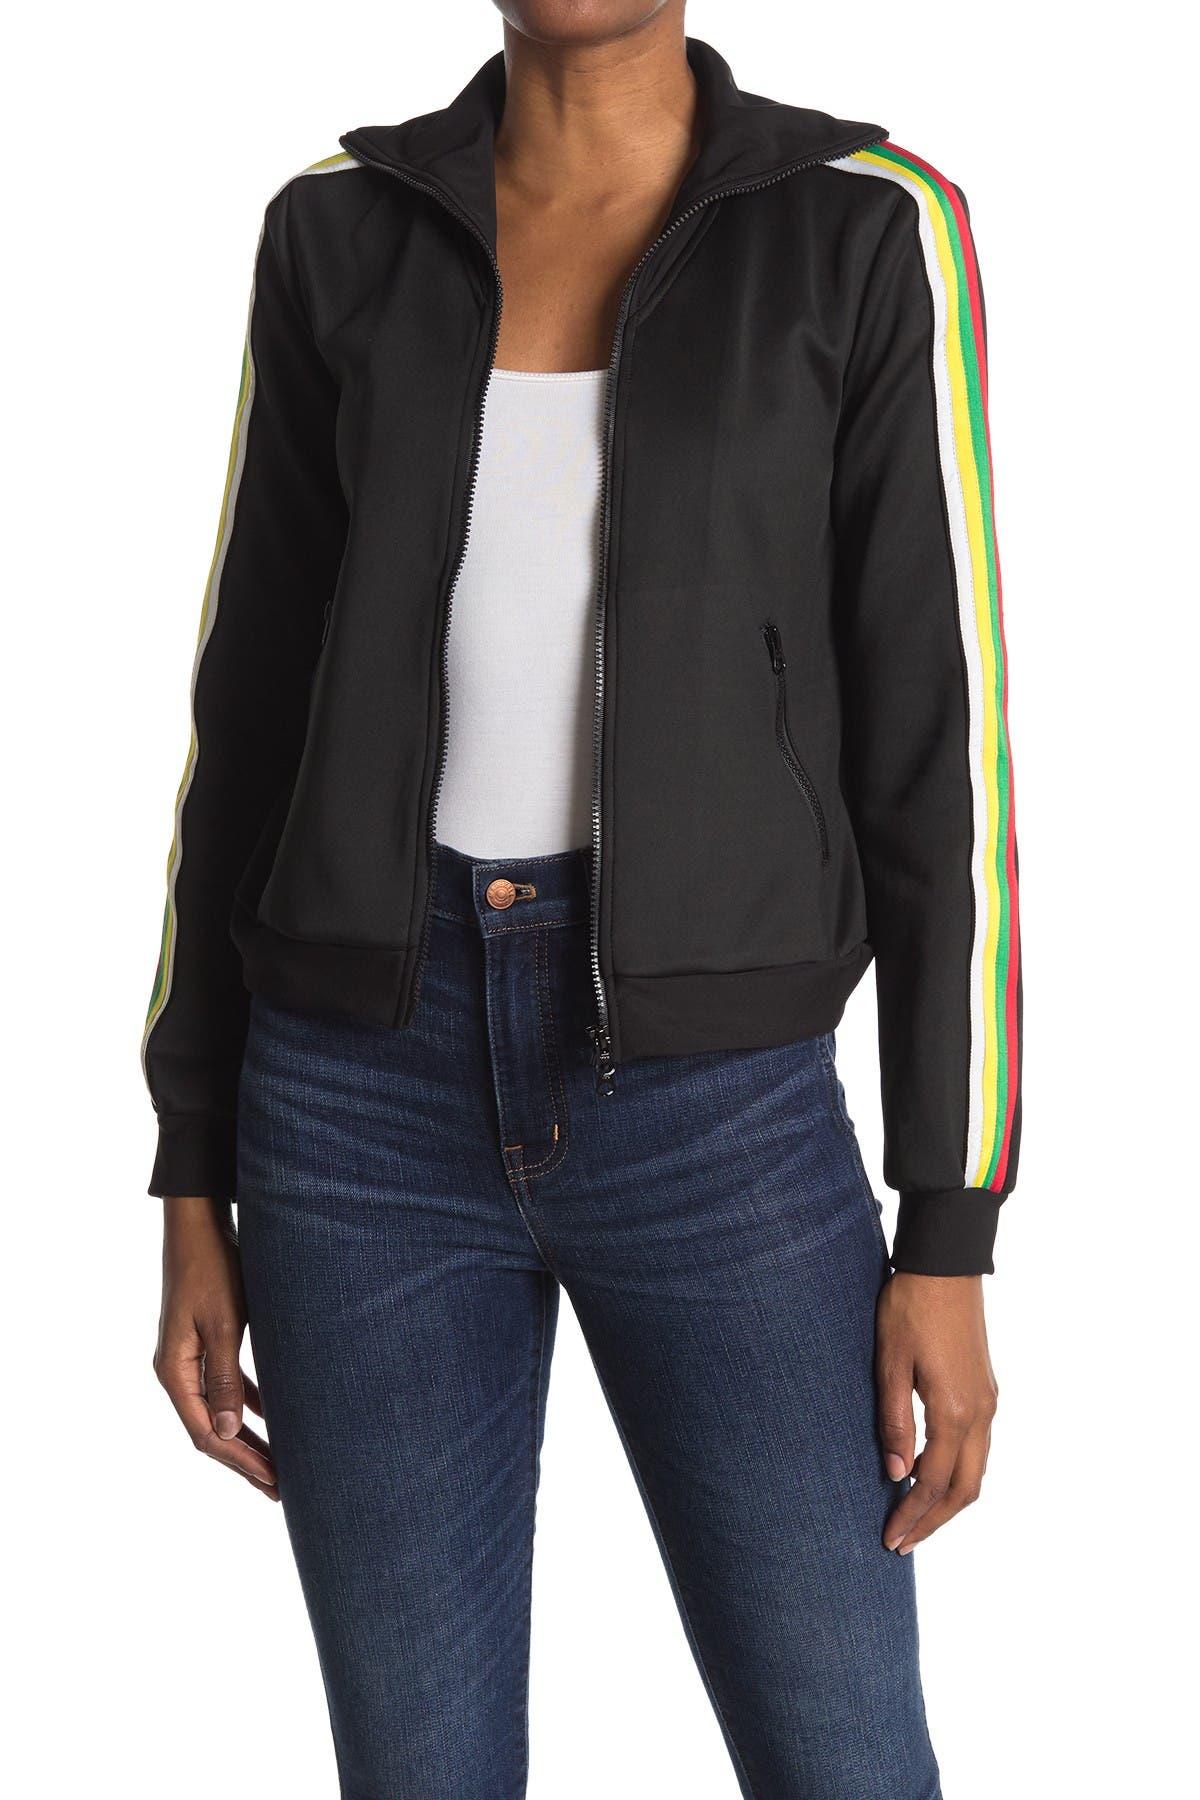 Image of PAM AND GELA Rainbow Track Jacket